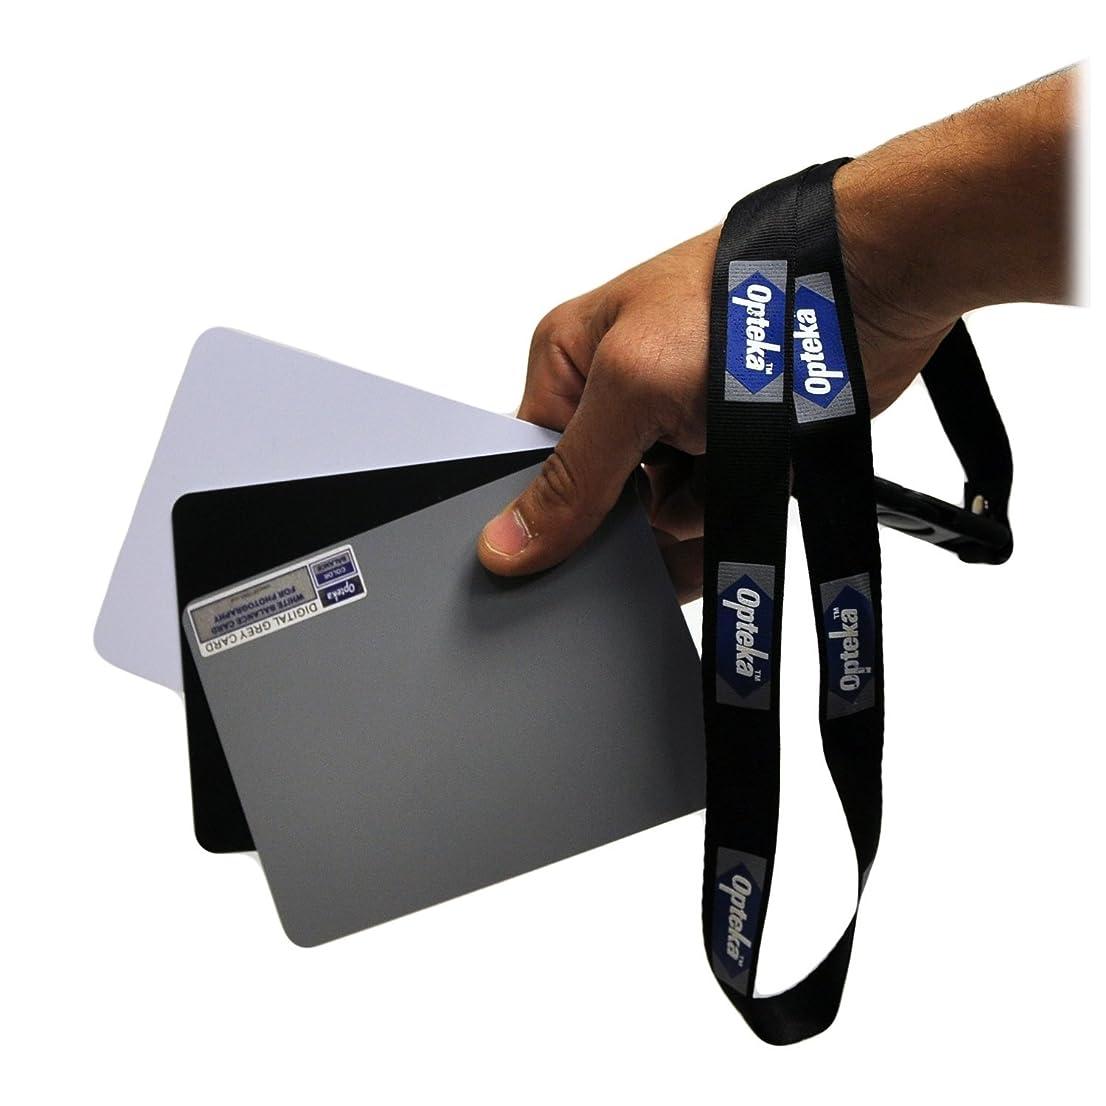 君主ペンフレンド憧れ【STOK SELECT】DGK デジタル グレーカード ホワイトバランス ポータブルカードタイプ